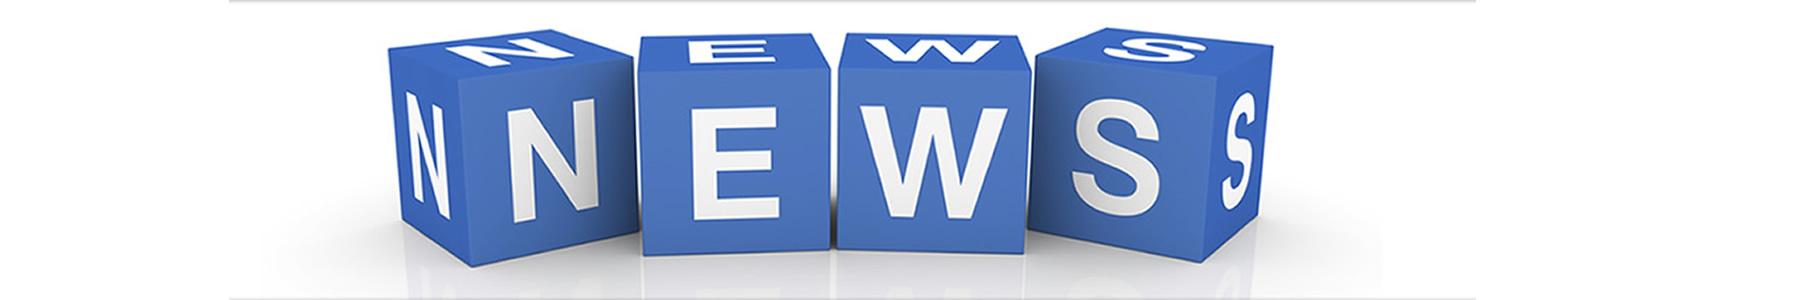 news_ban